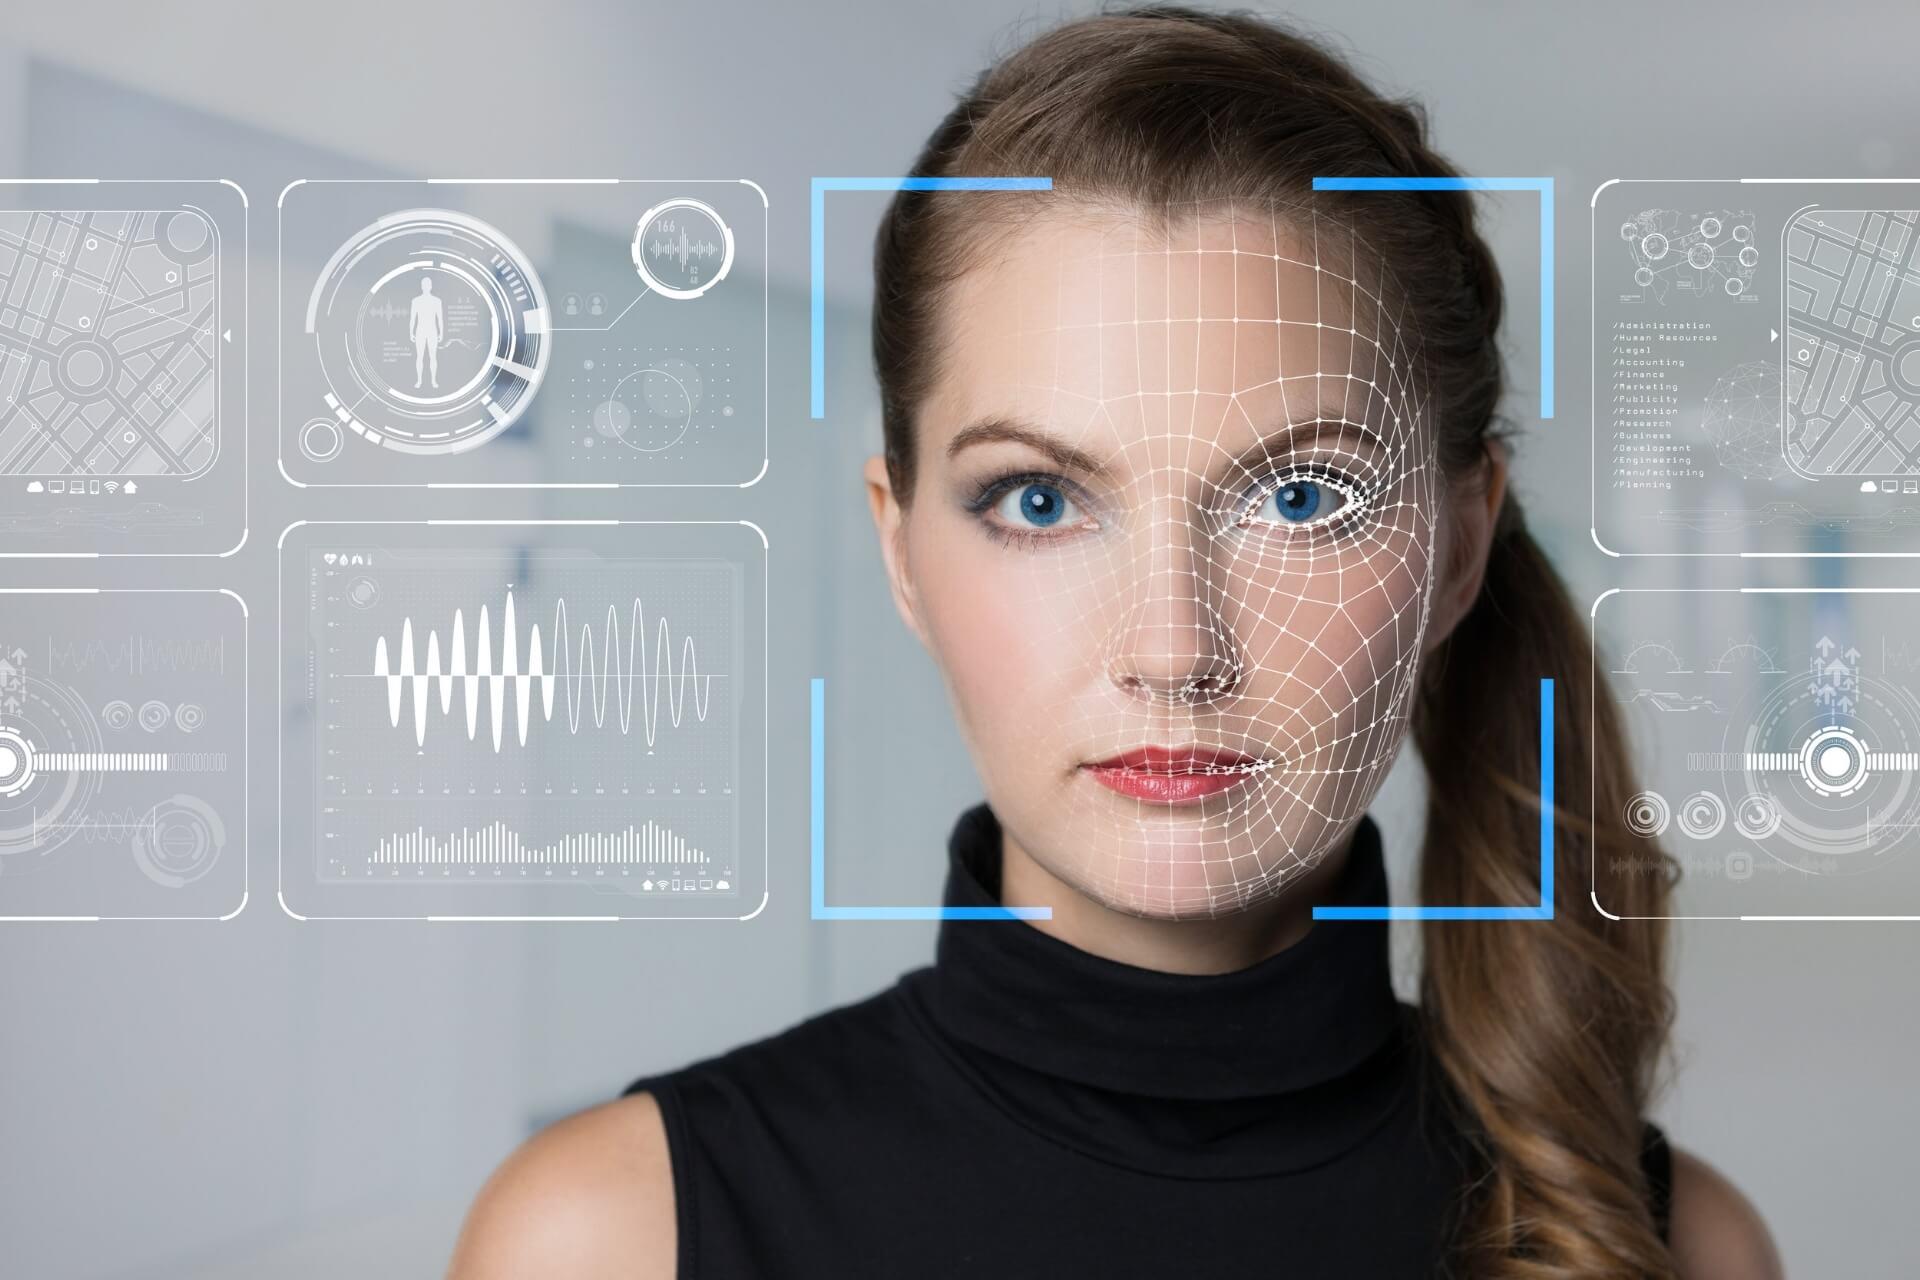 reconhecimento facial 1 - Reconhecimento facial: o futuro dos ingressos para shows